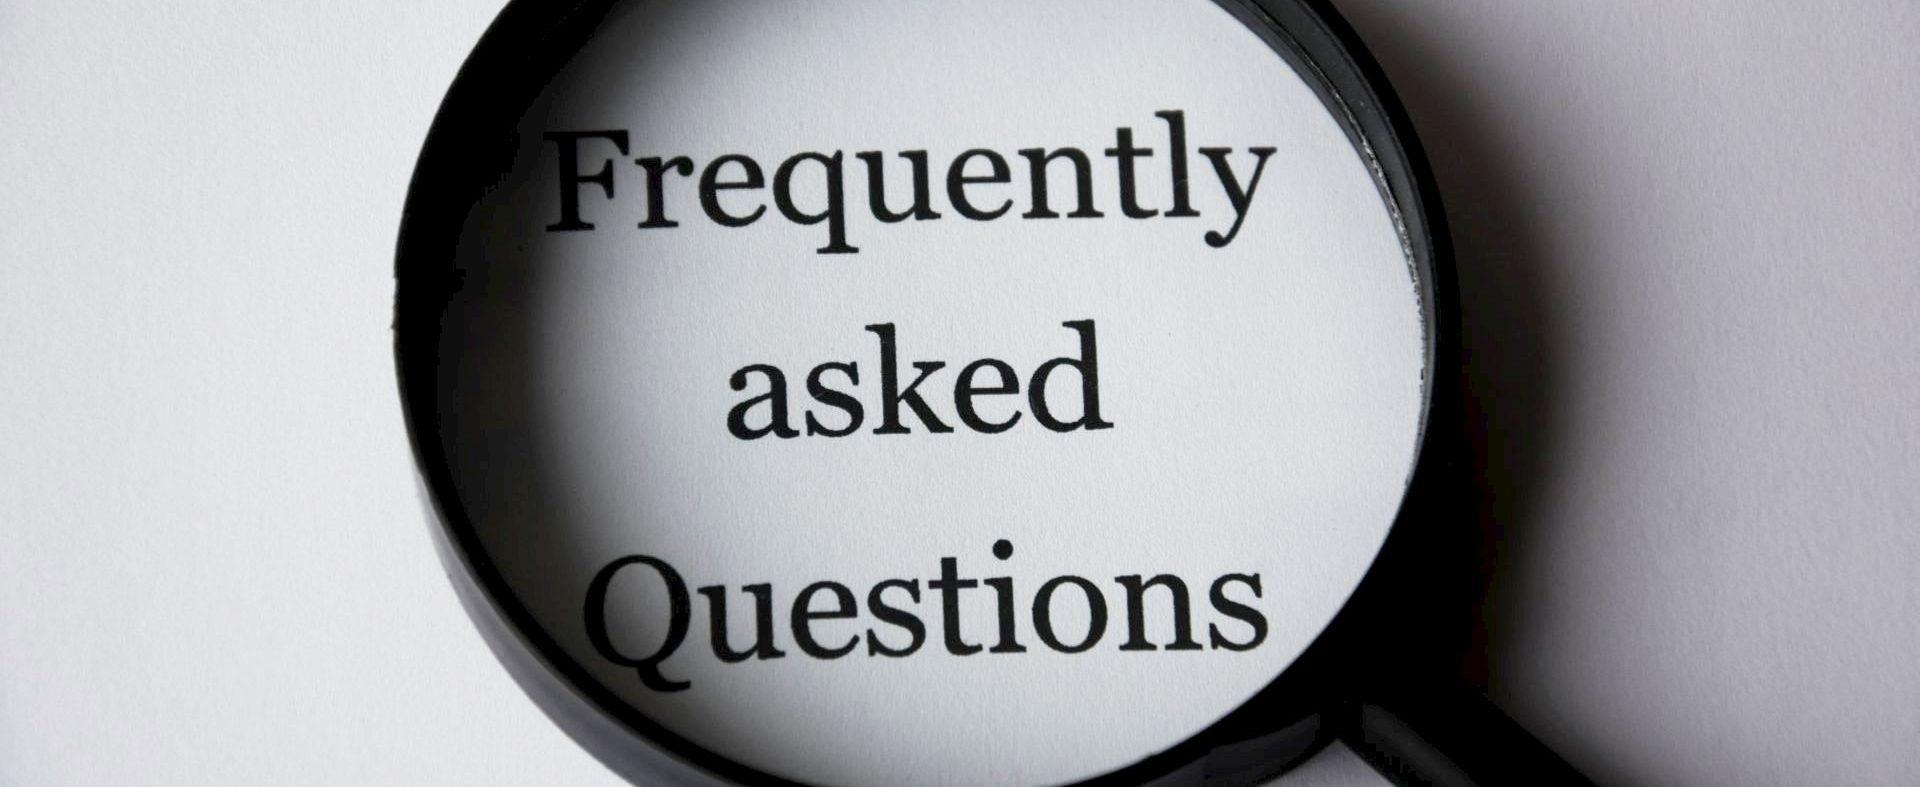 よくある質問の画像